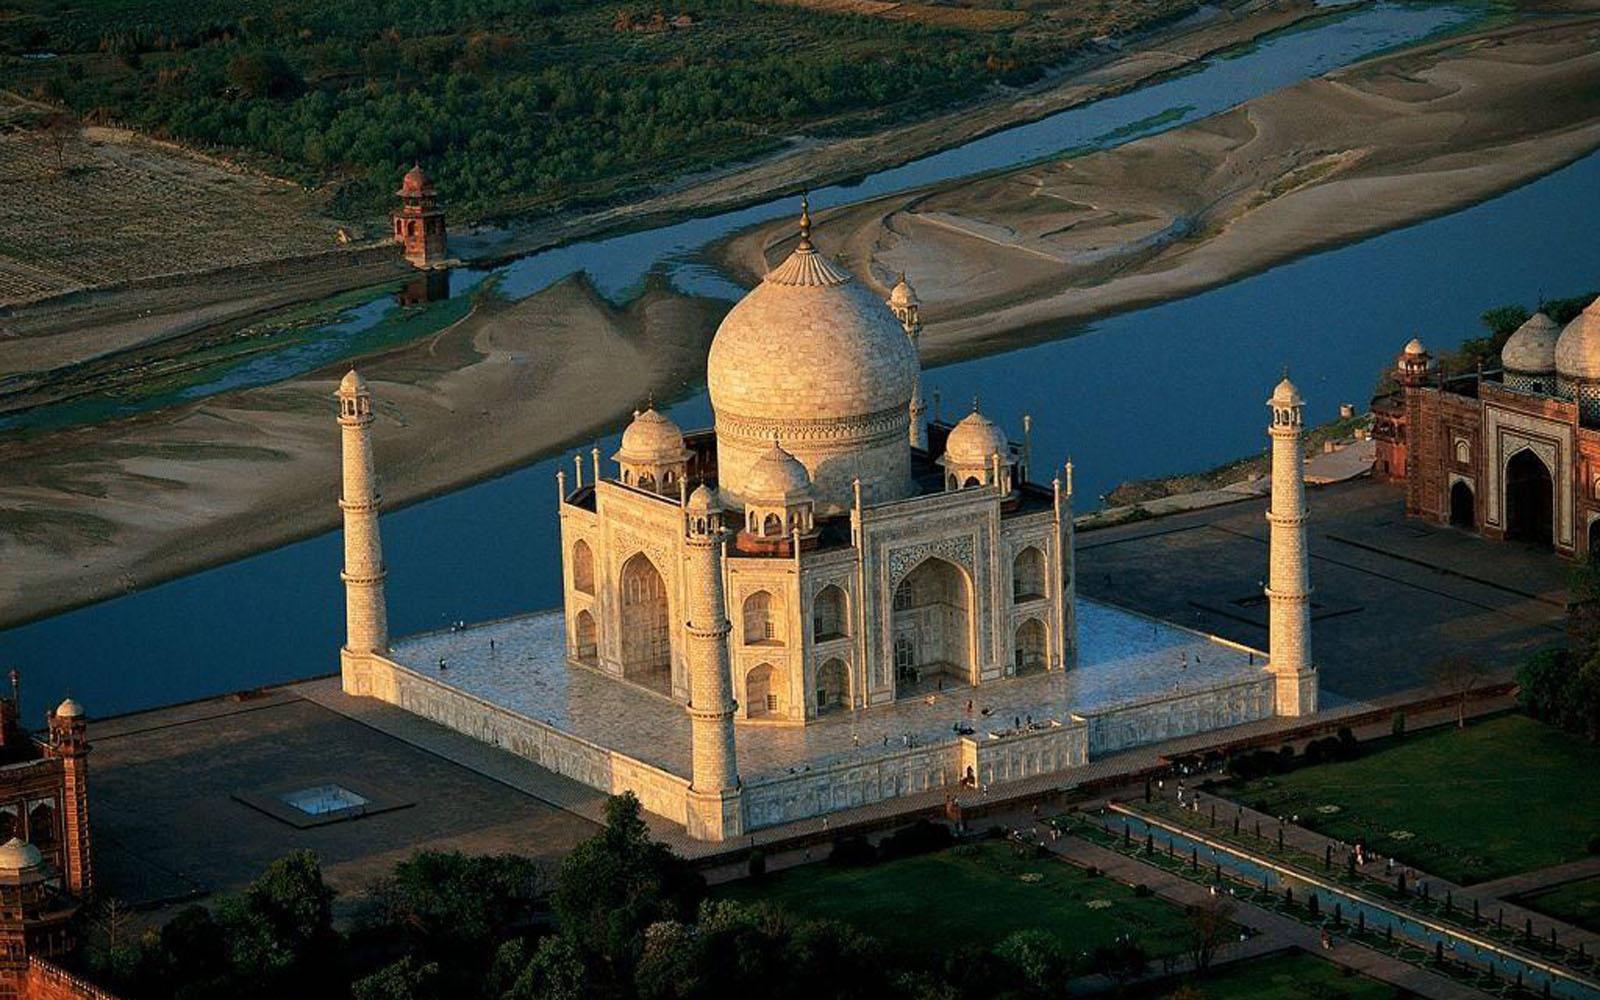 Taj Mahal Wallpapers For Desktop Wallpapersafari